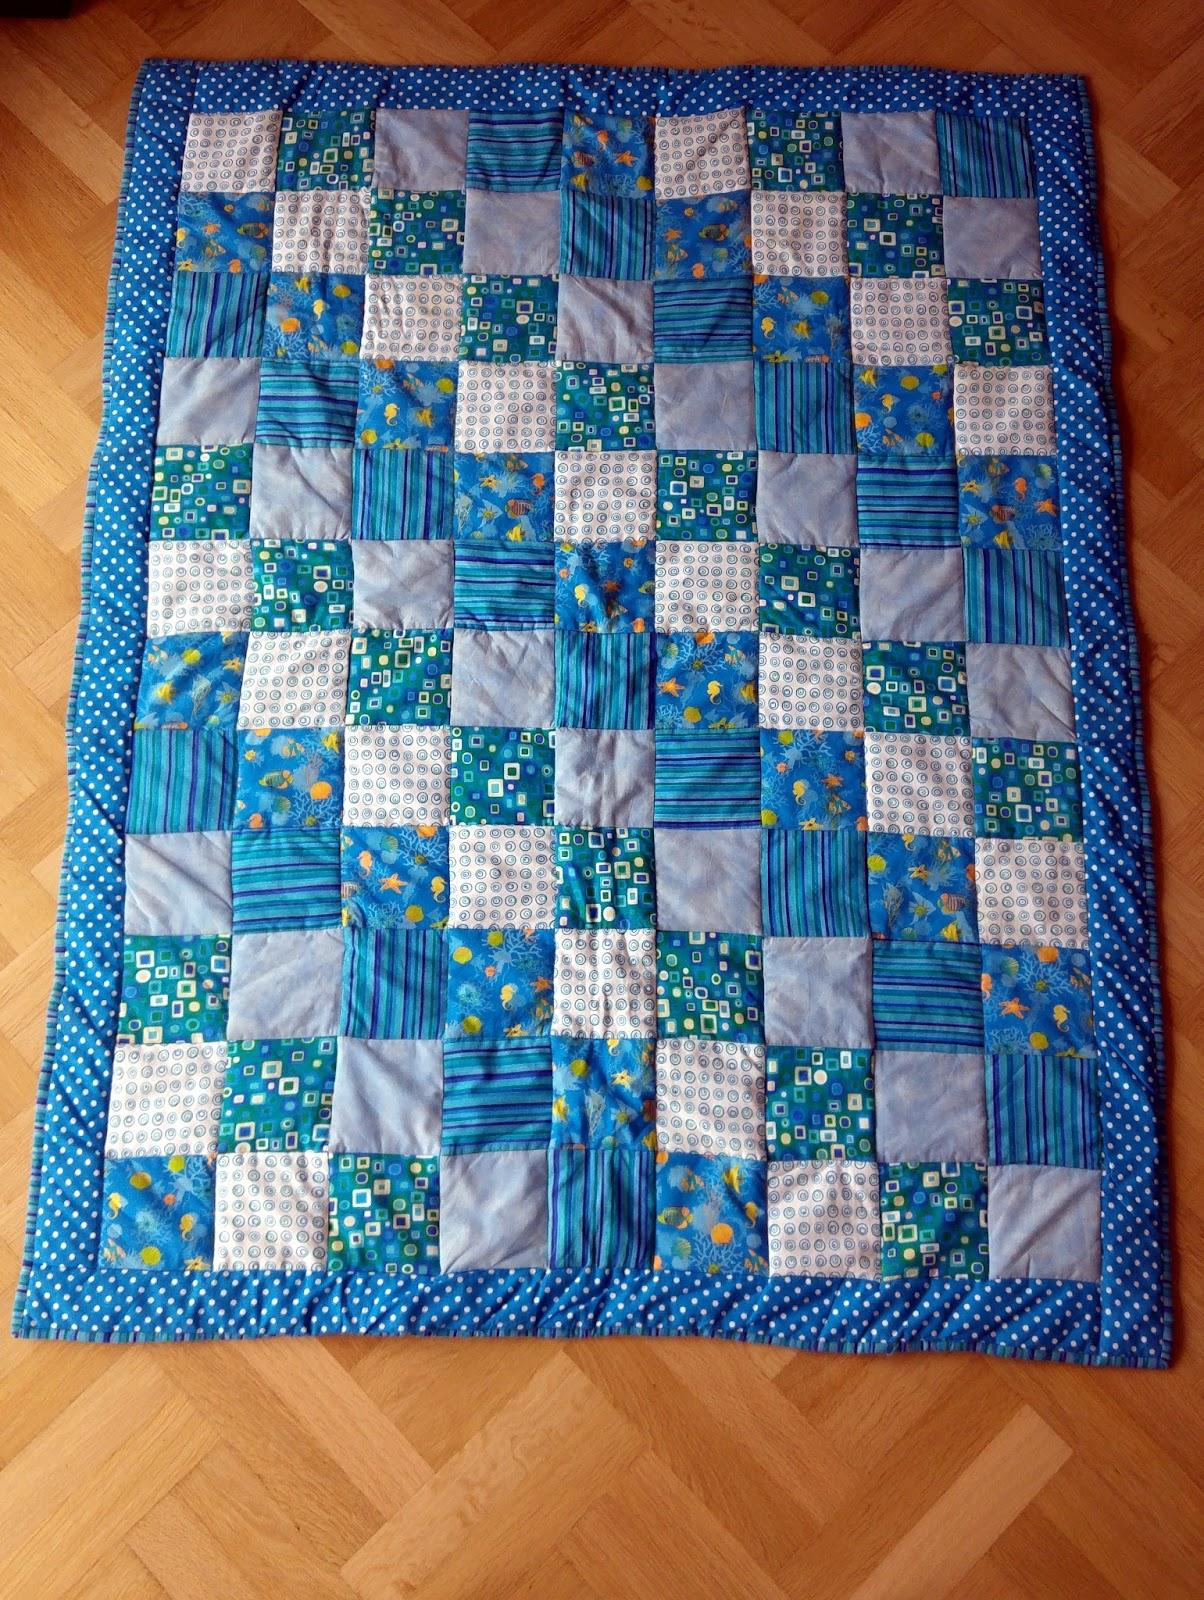 aber wie naht man nun eine solche patchworkdecke da kann ich euch das tutorial von pech schwefel ans herz legen ricarda hat hier eine ganz tolle